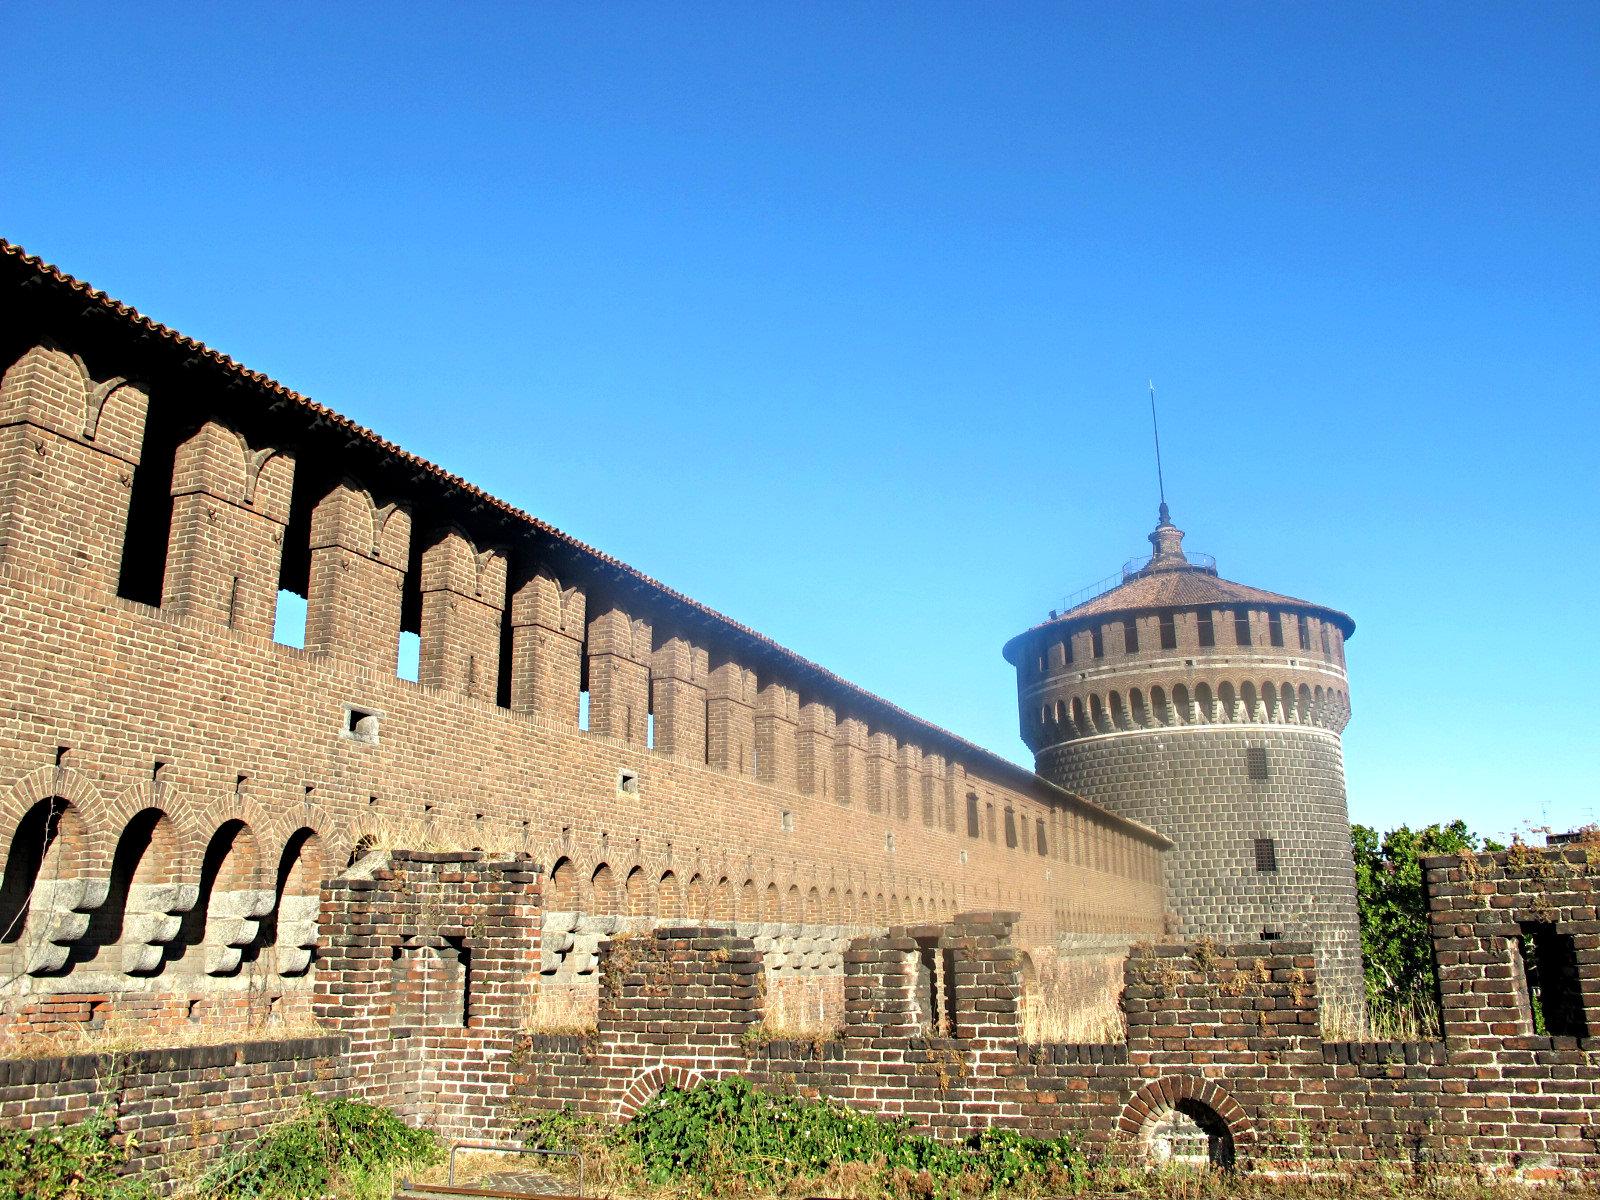 Les souterrains du château Sforzesco, histoire et frissons!